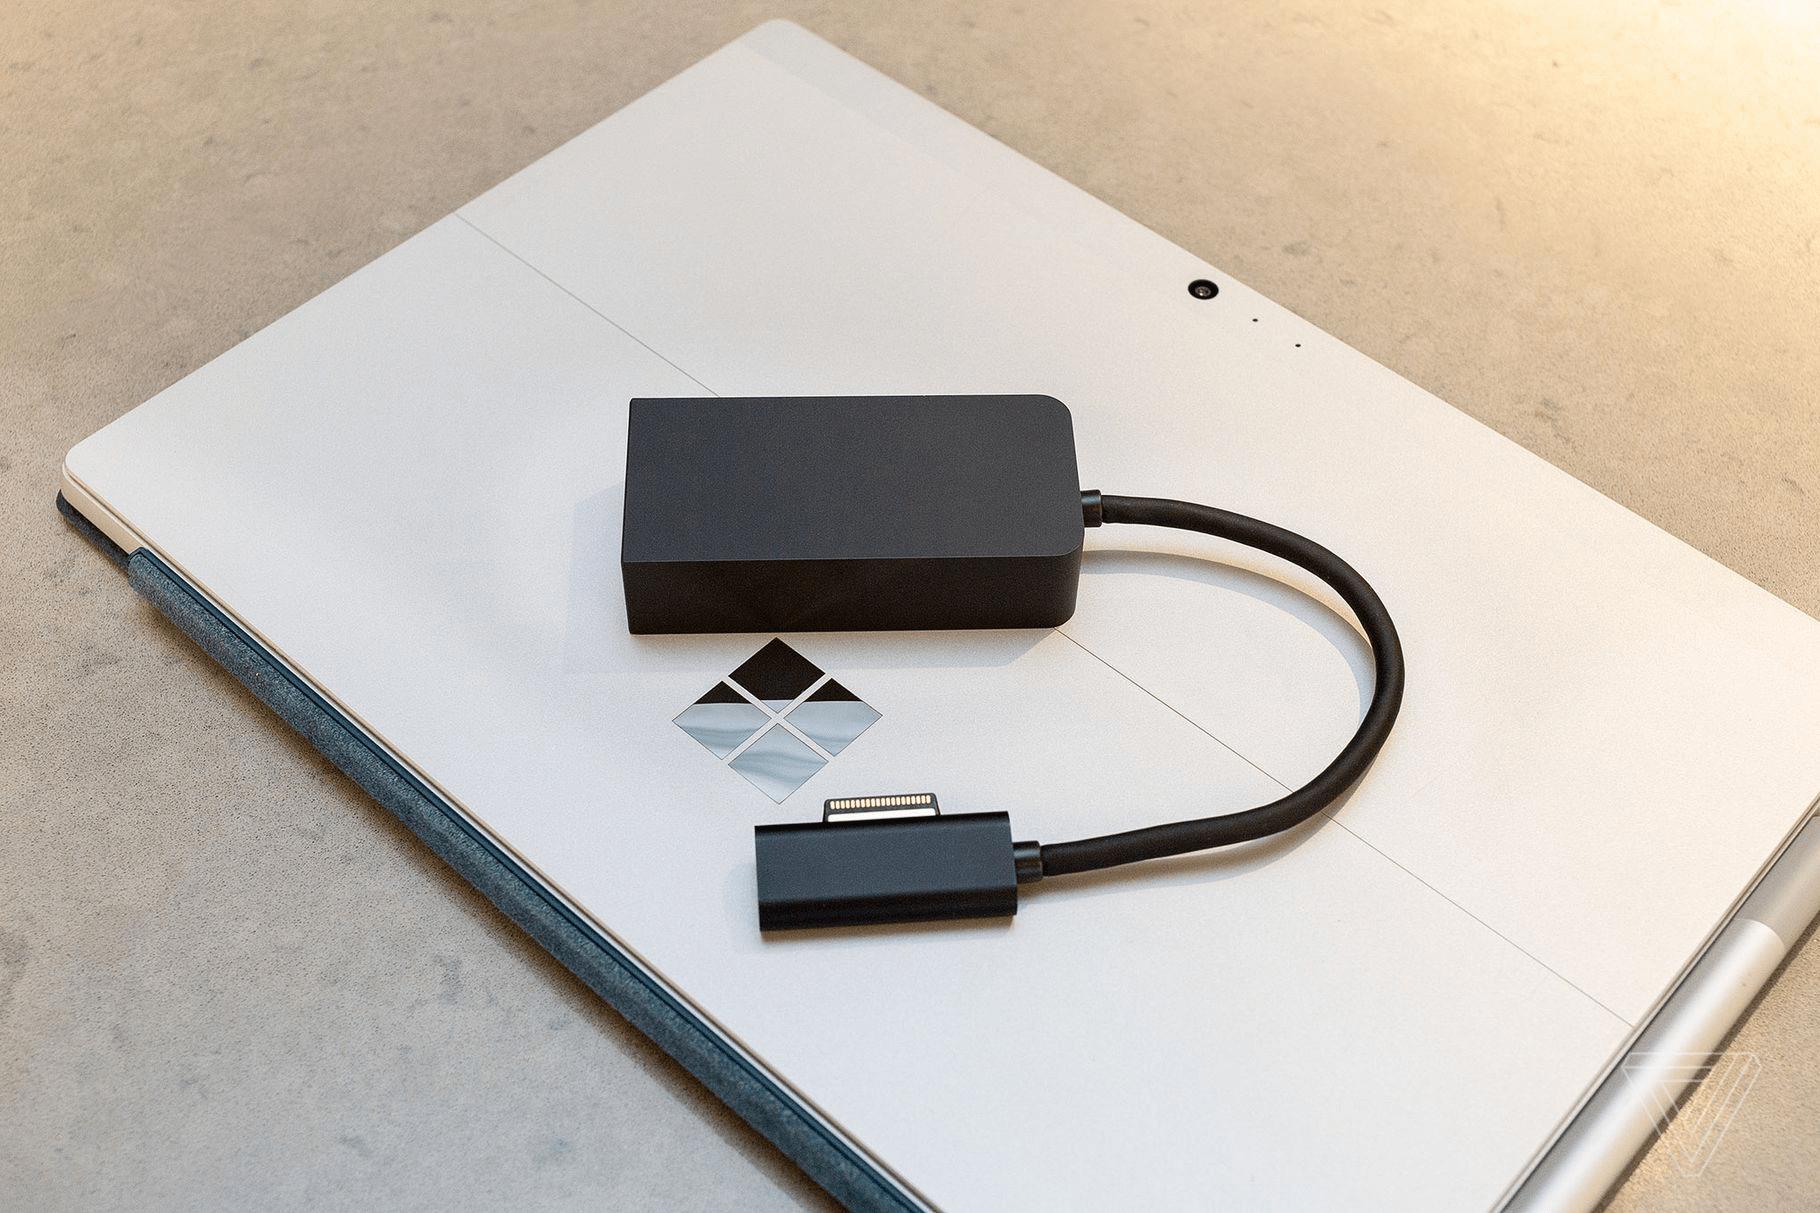 Có thể sạc Surface thông qua cổng USB-C